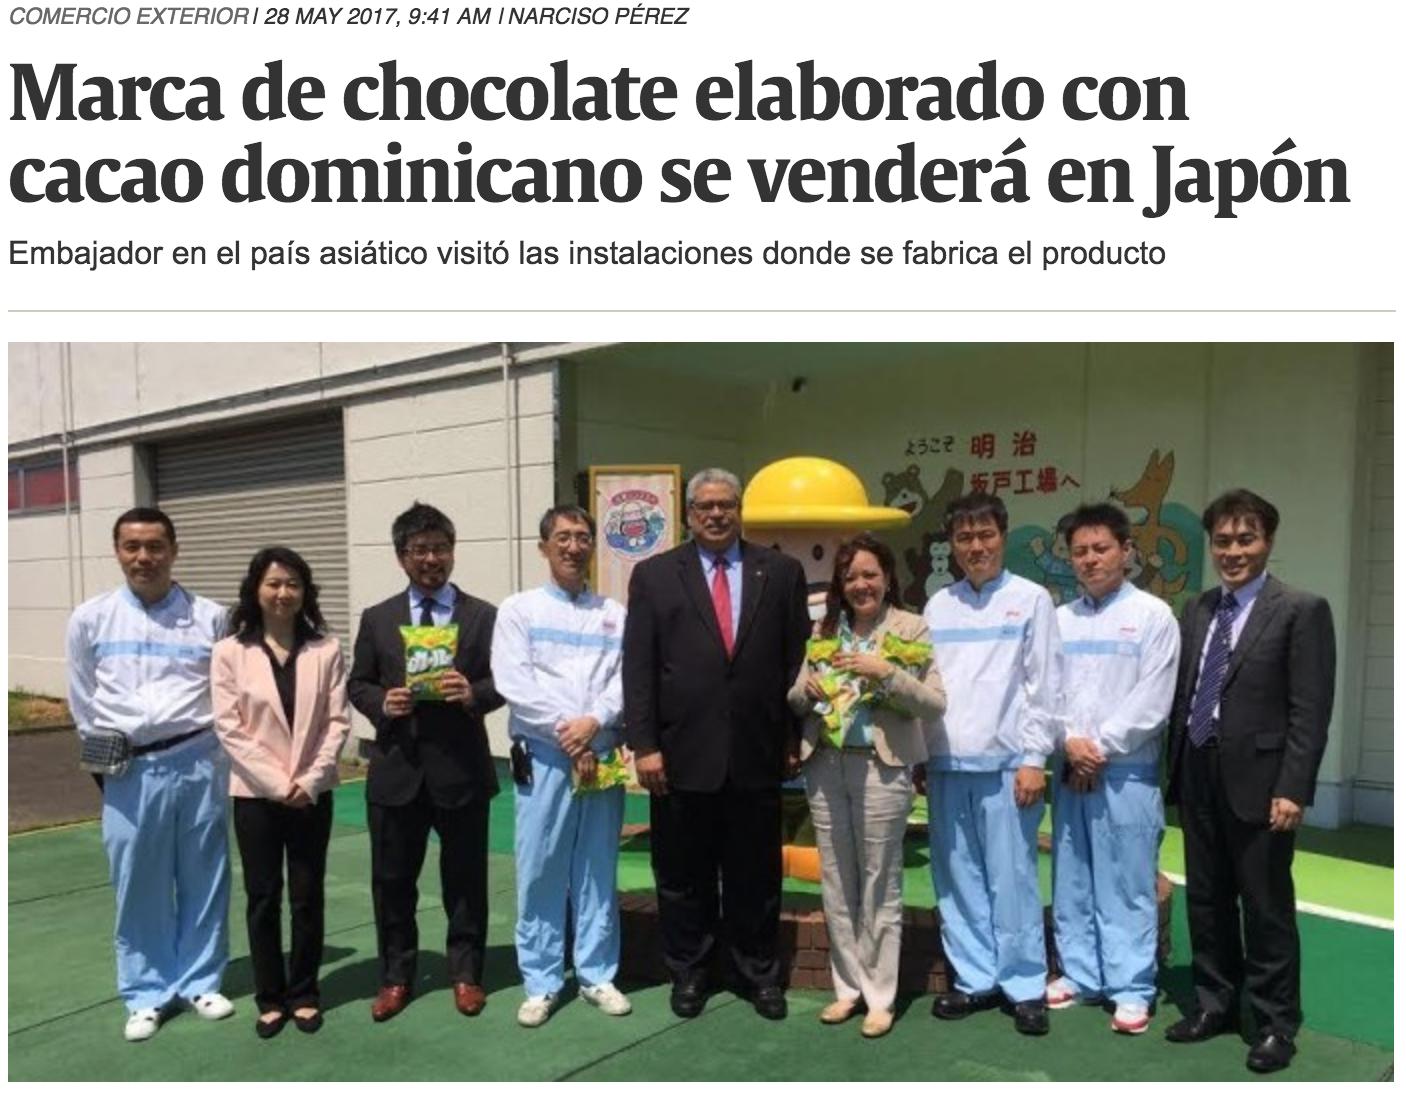 明治坂戸工場訪問の件が、現地にて報道されました! (Marca de chocolate elaborado con cacao dominicano se venderá en Japón)